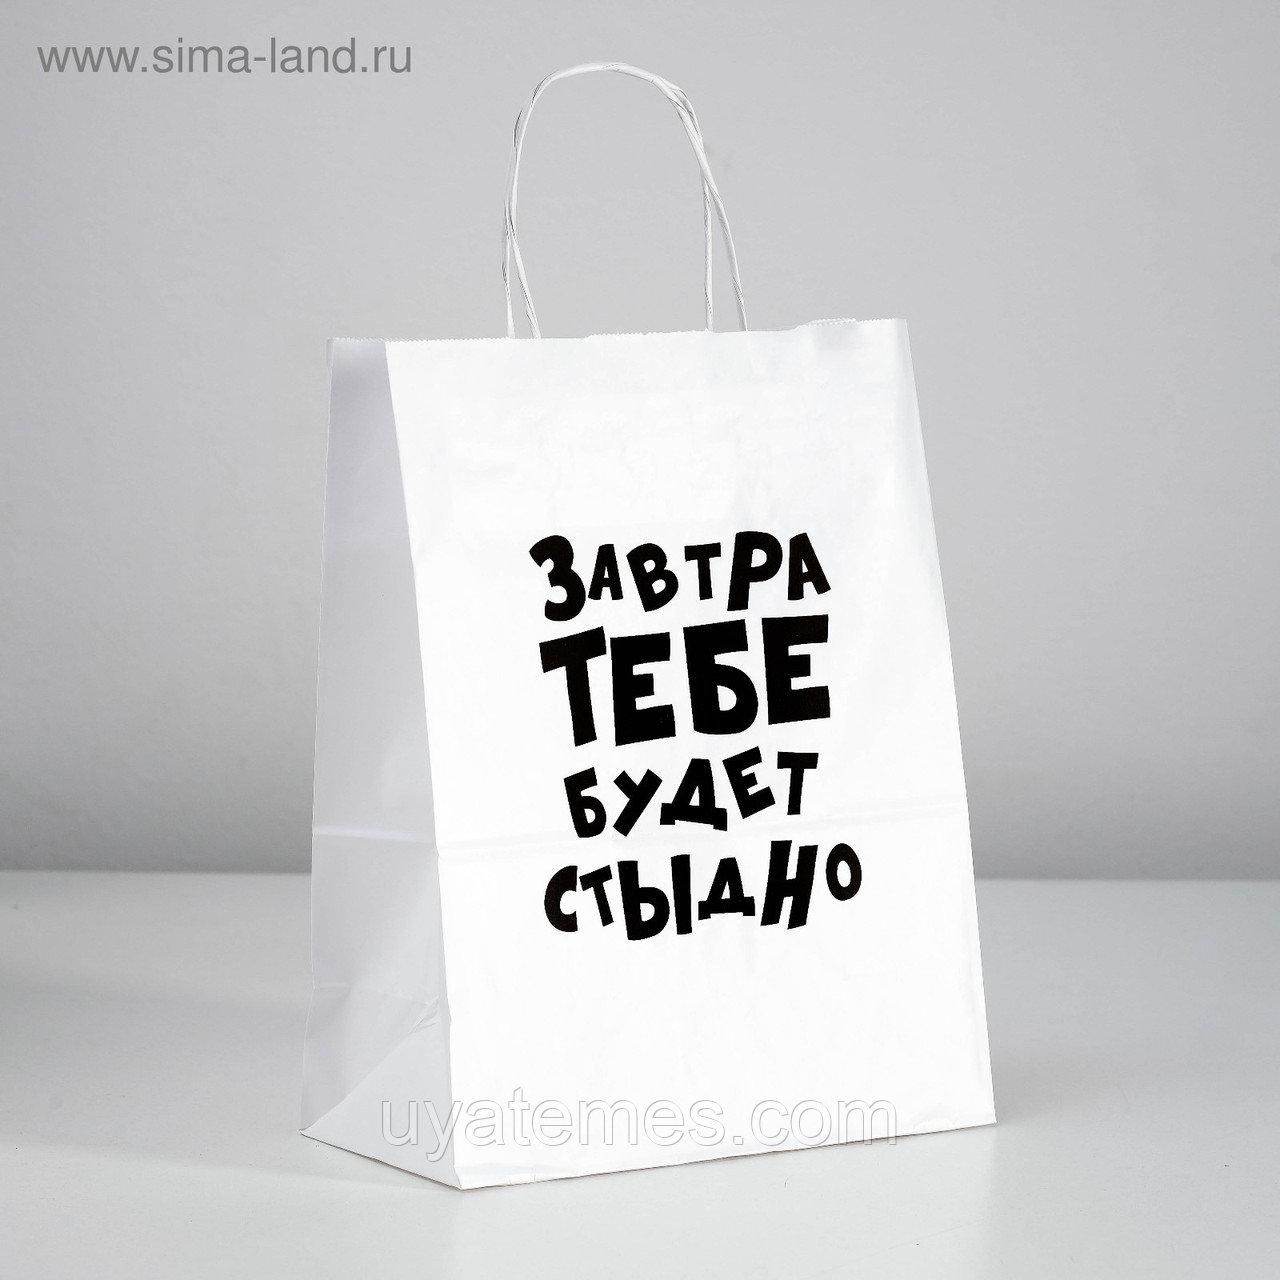 Пакет подарочный бумажный с разными приколами размер 22 × 22 × 11 см и 24 х 14 х 30 см